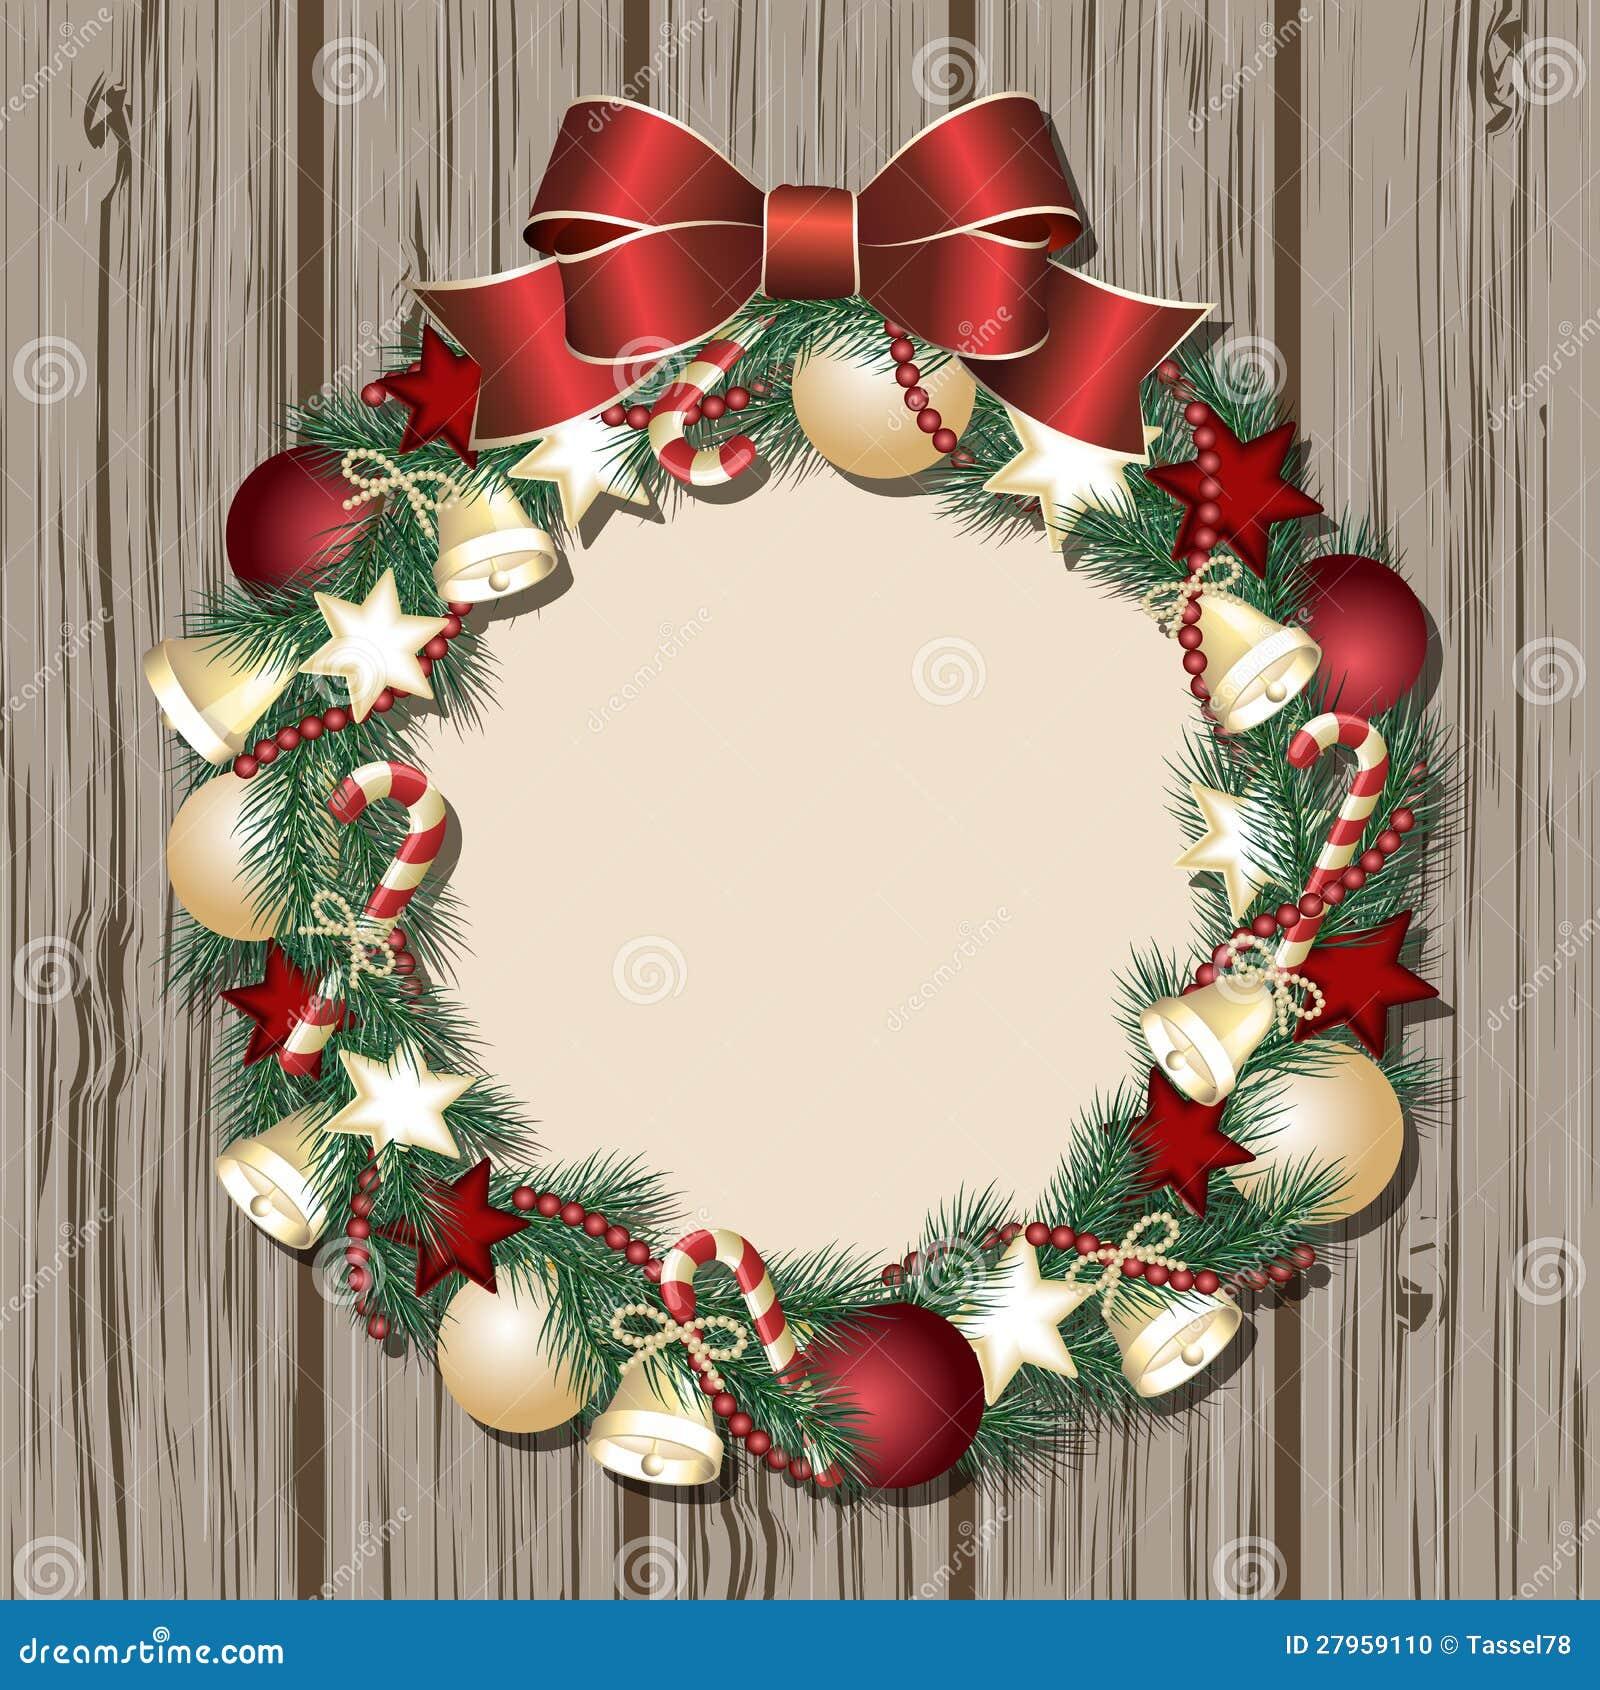 Christmas wreath on wooden door stock vector